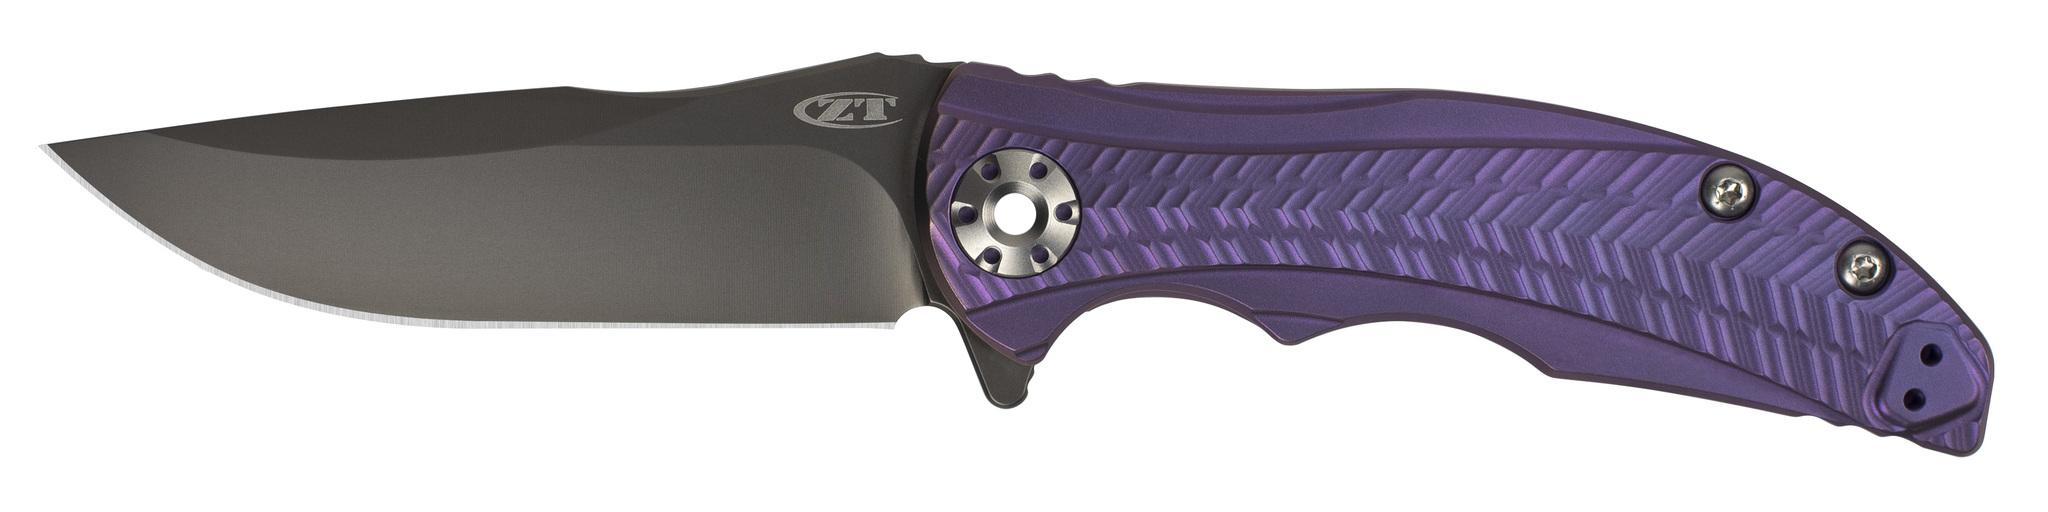 Фото - Складной нож Zero Tolerance K0609PU, сталь CPM-20CV, покрытие Black DLC, рукоять титан